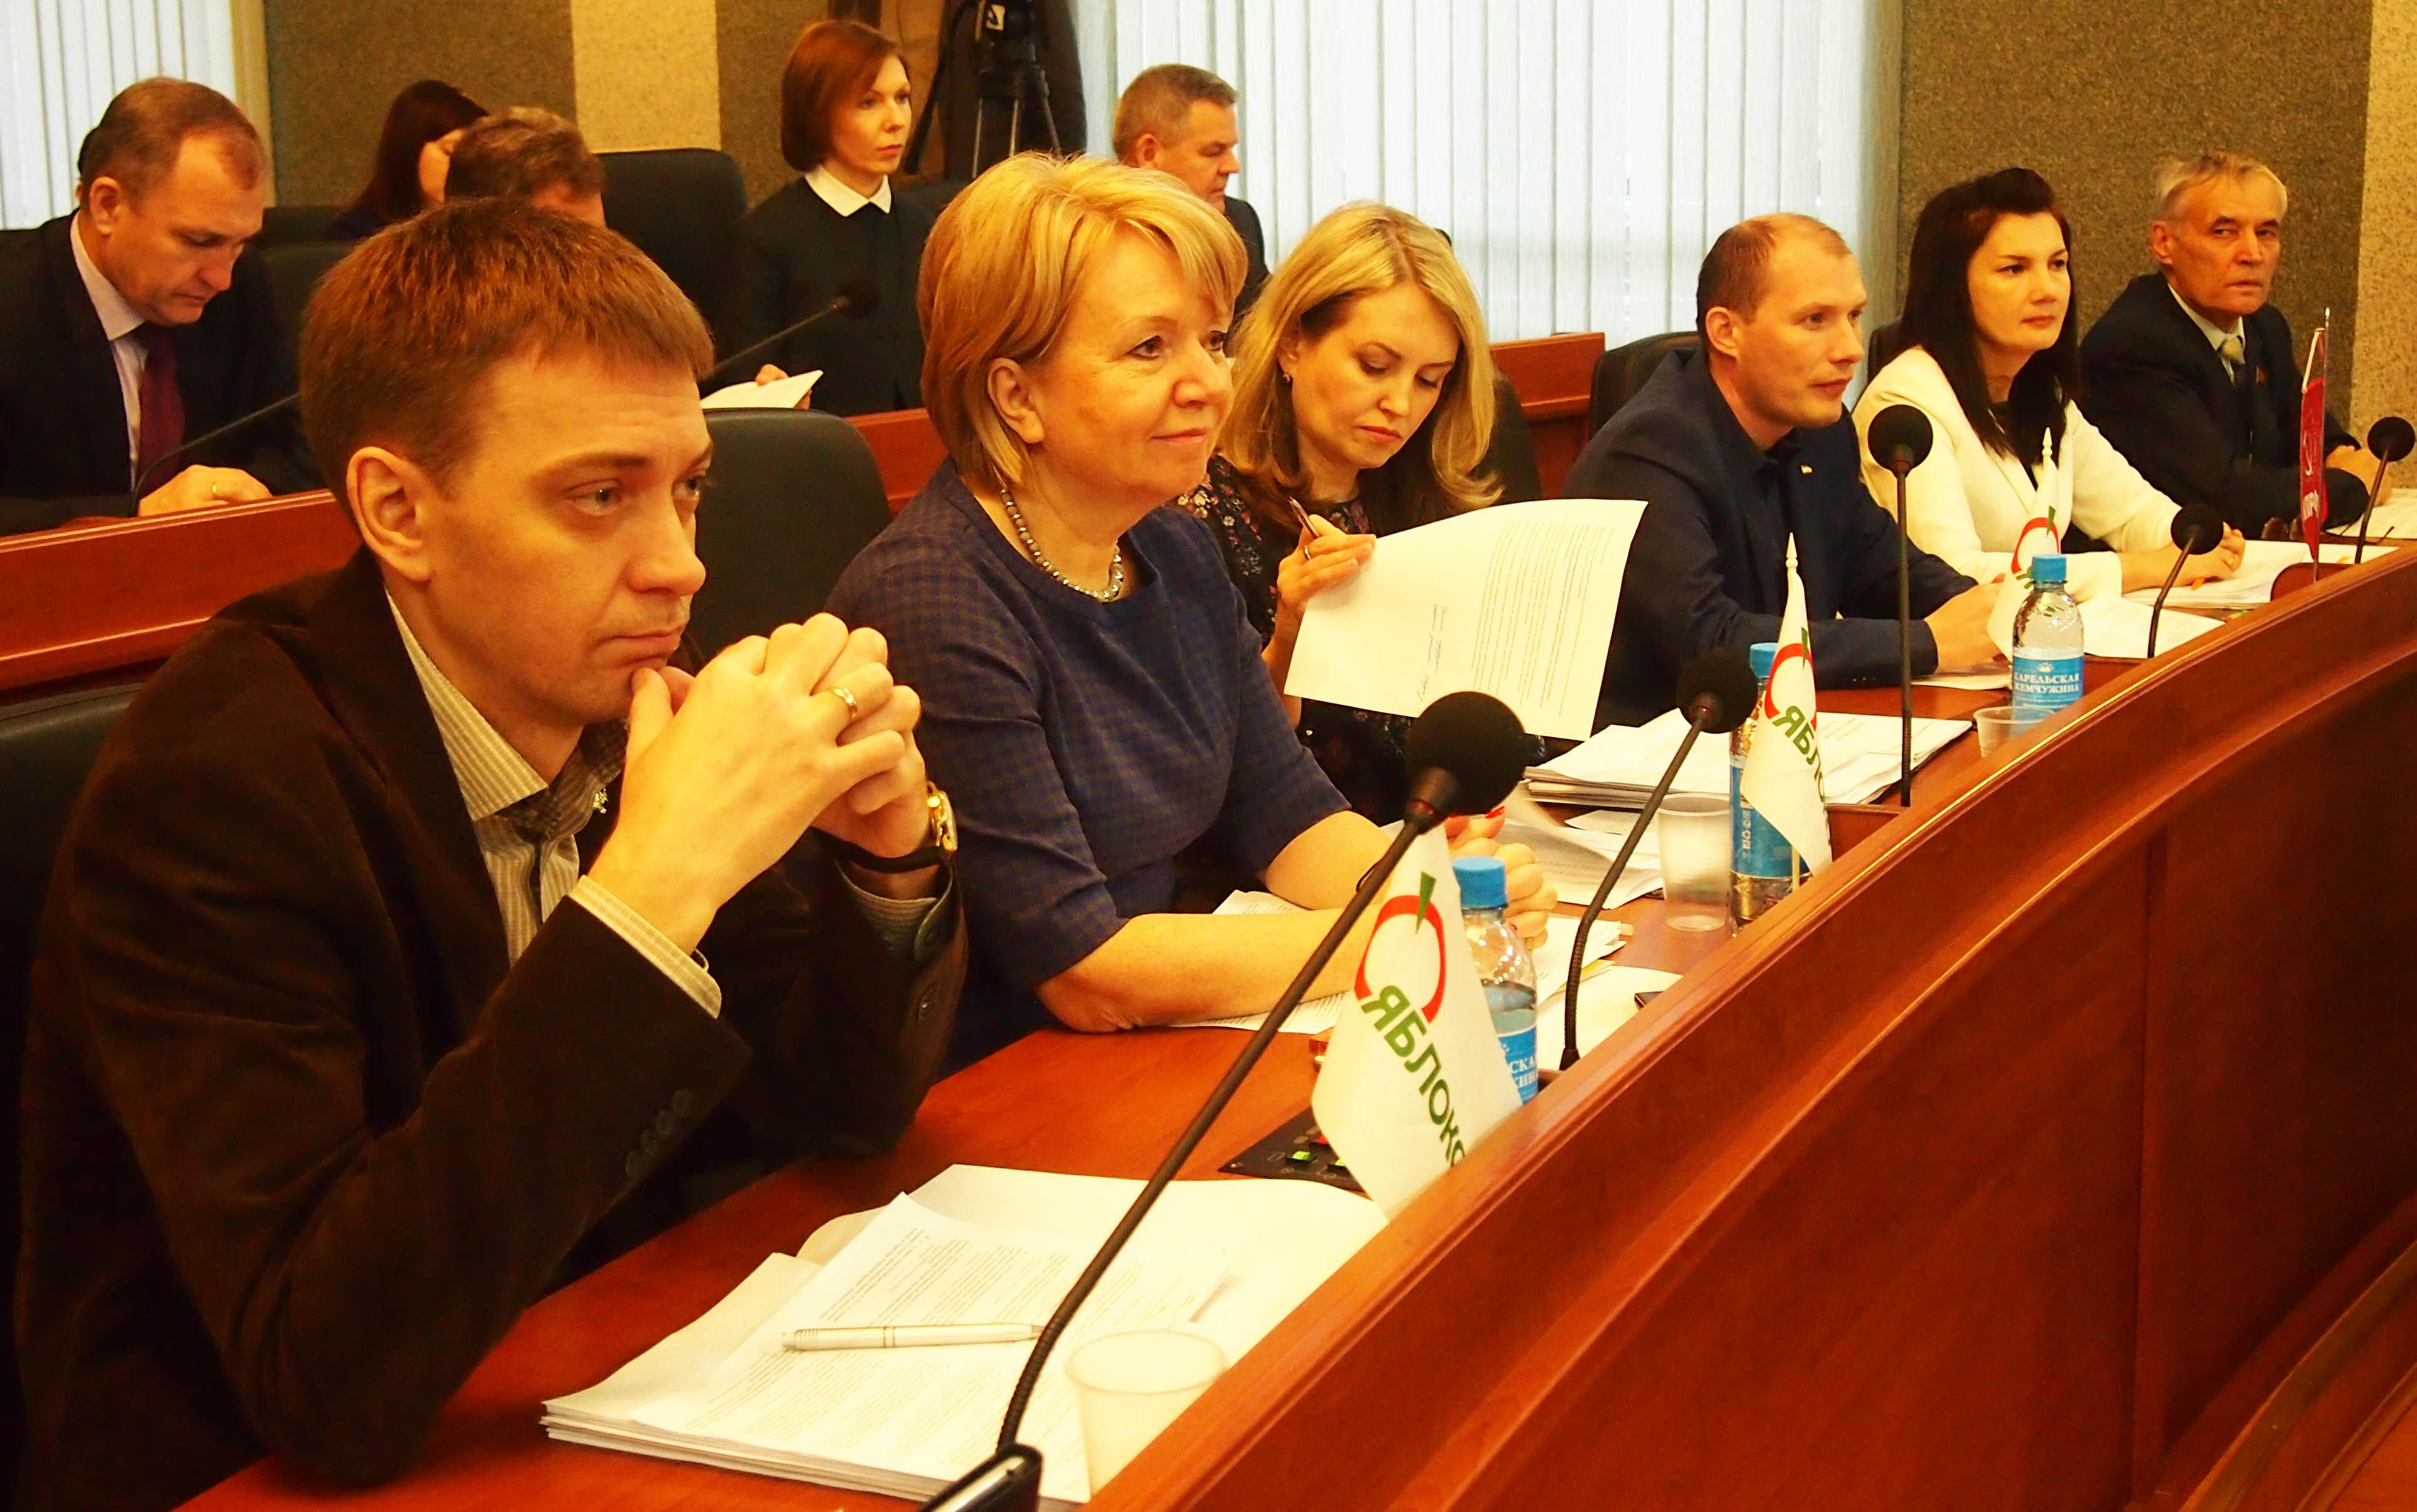 Эмилия Слабунова на заседании карельского парламента. Фото: Валерий Поташов